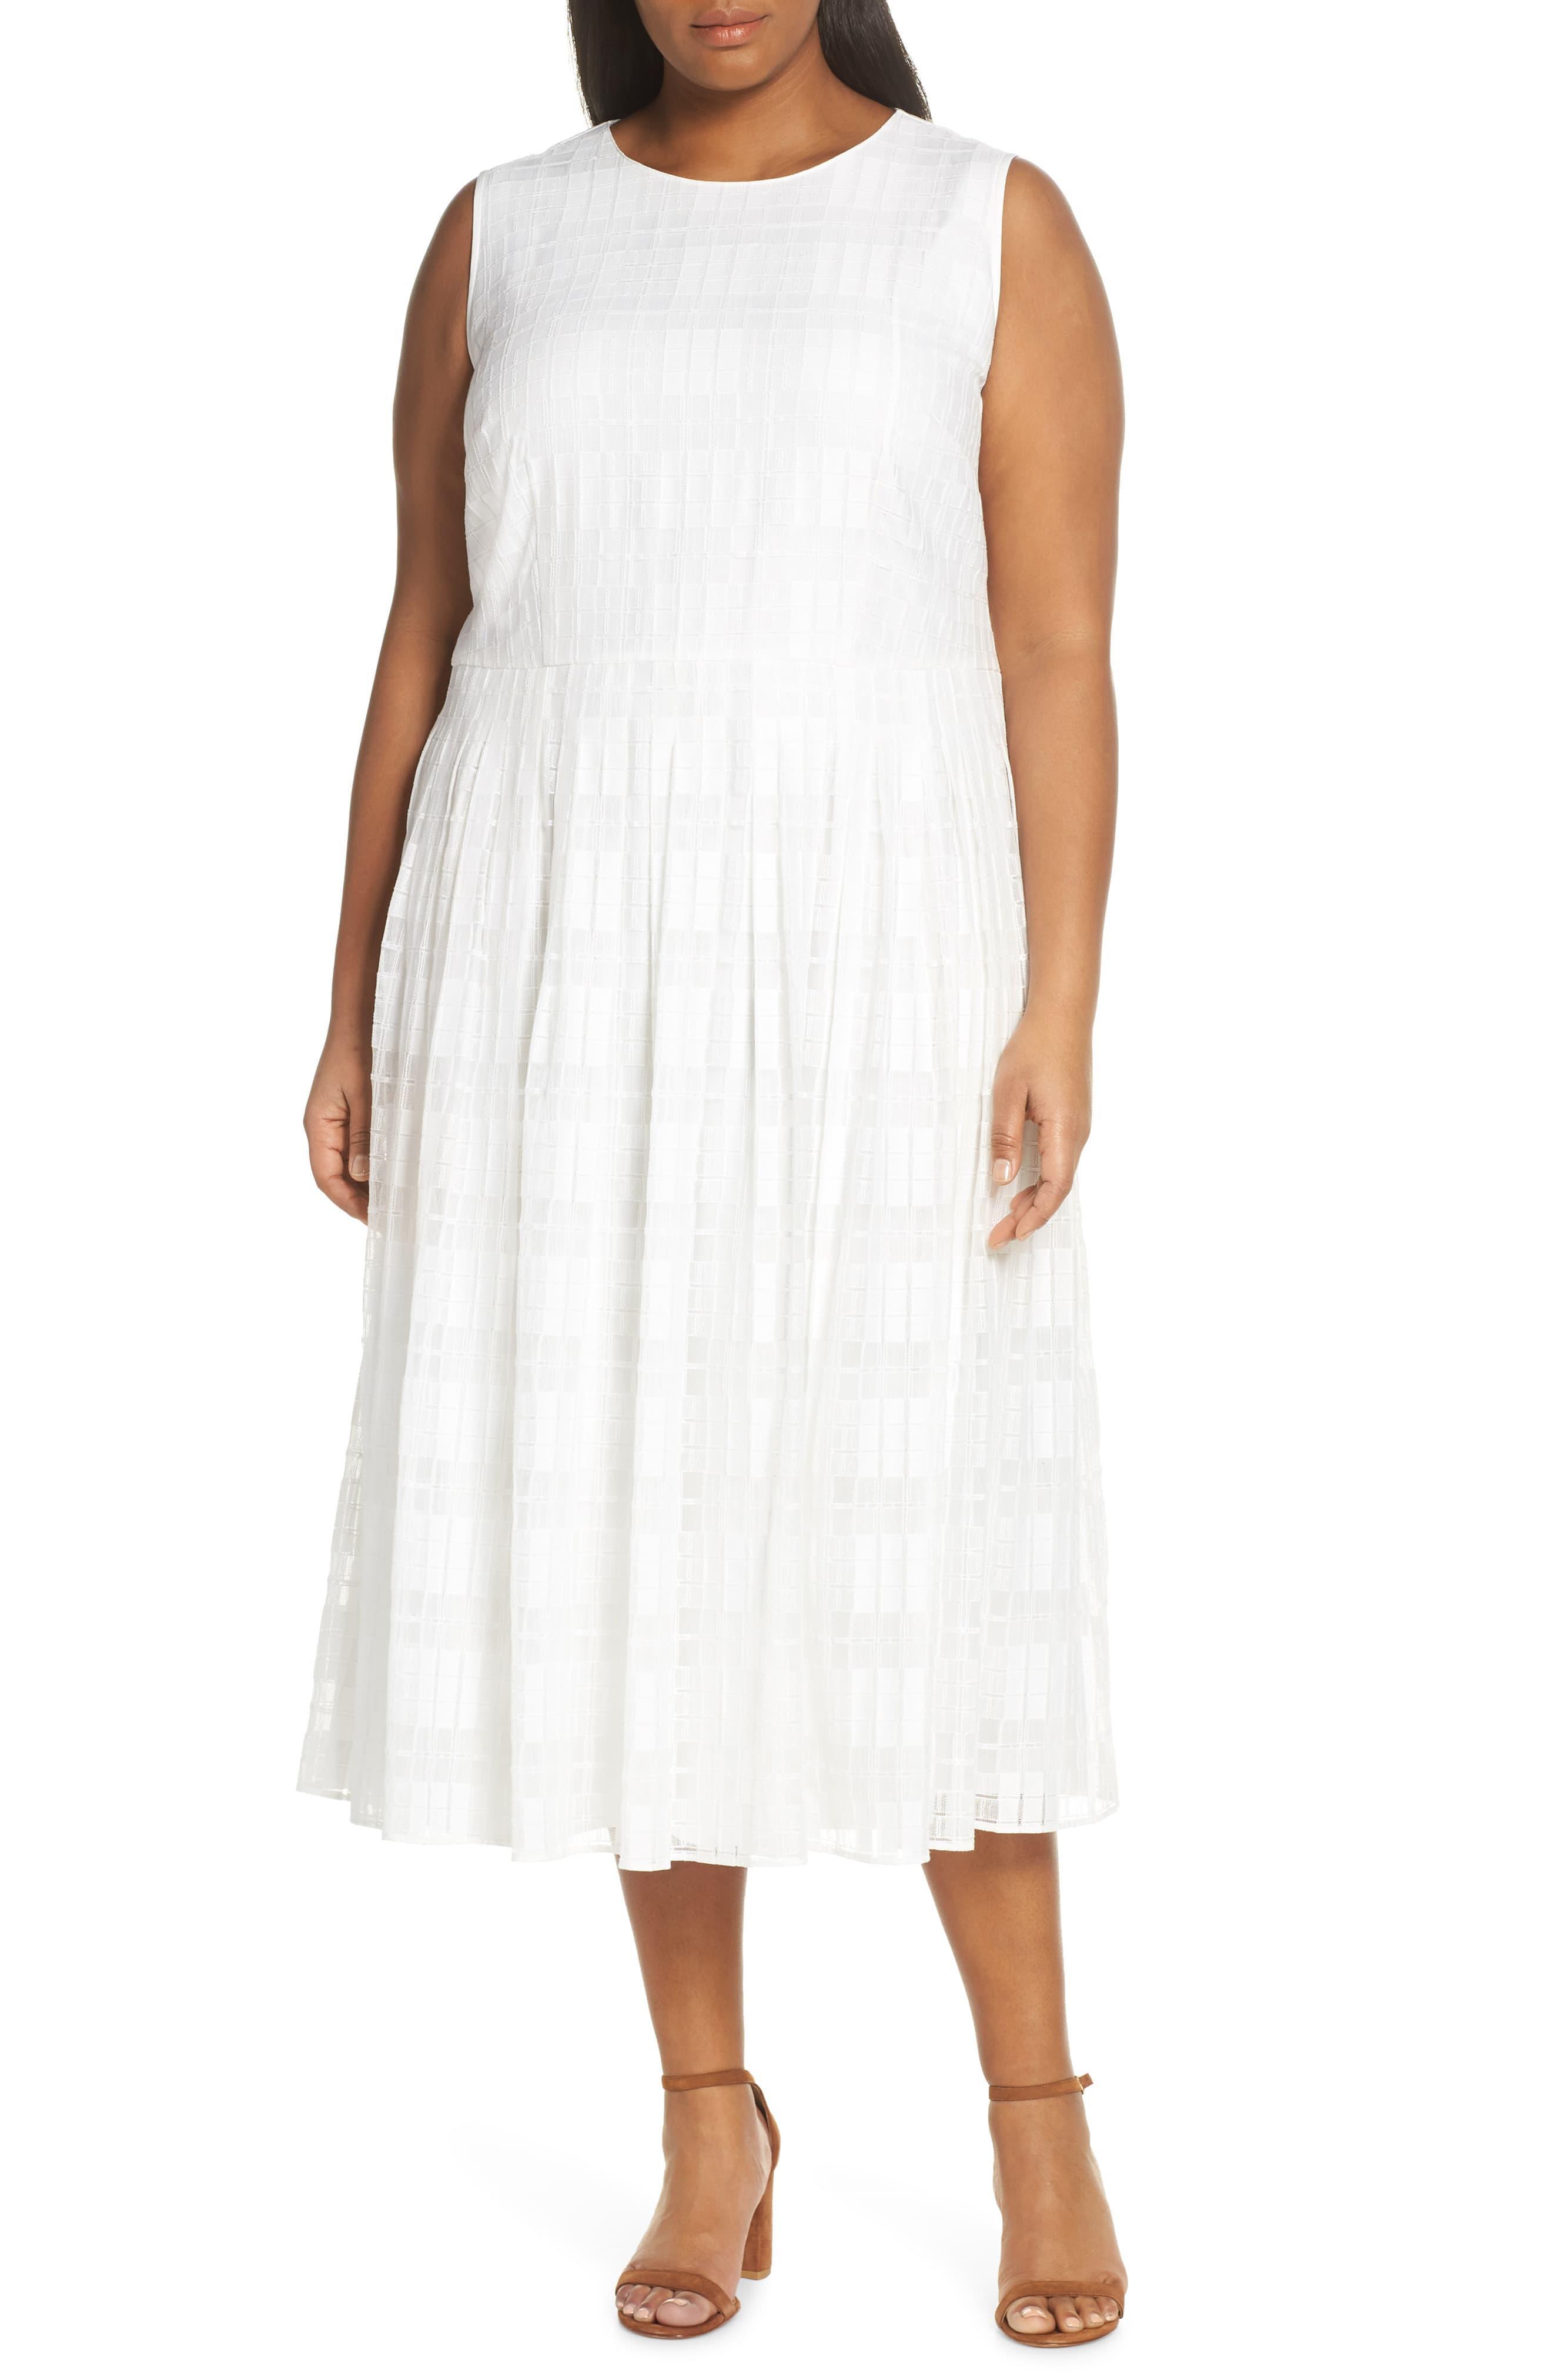 8e7e39ea Lafayette 148 New York Avalynn Sleeveless Midi Dress in White - Lyst